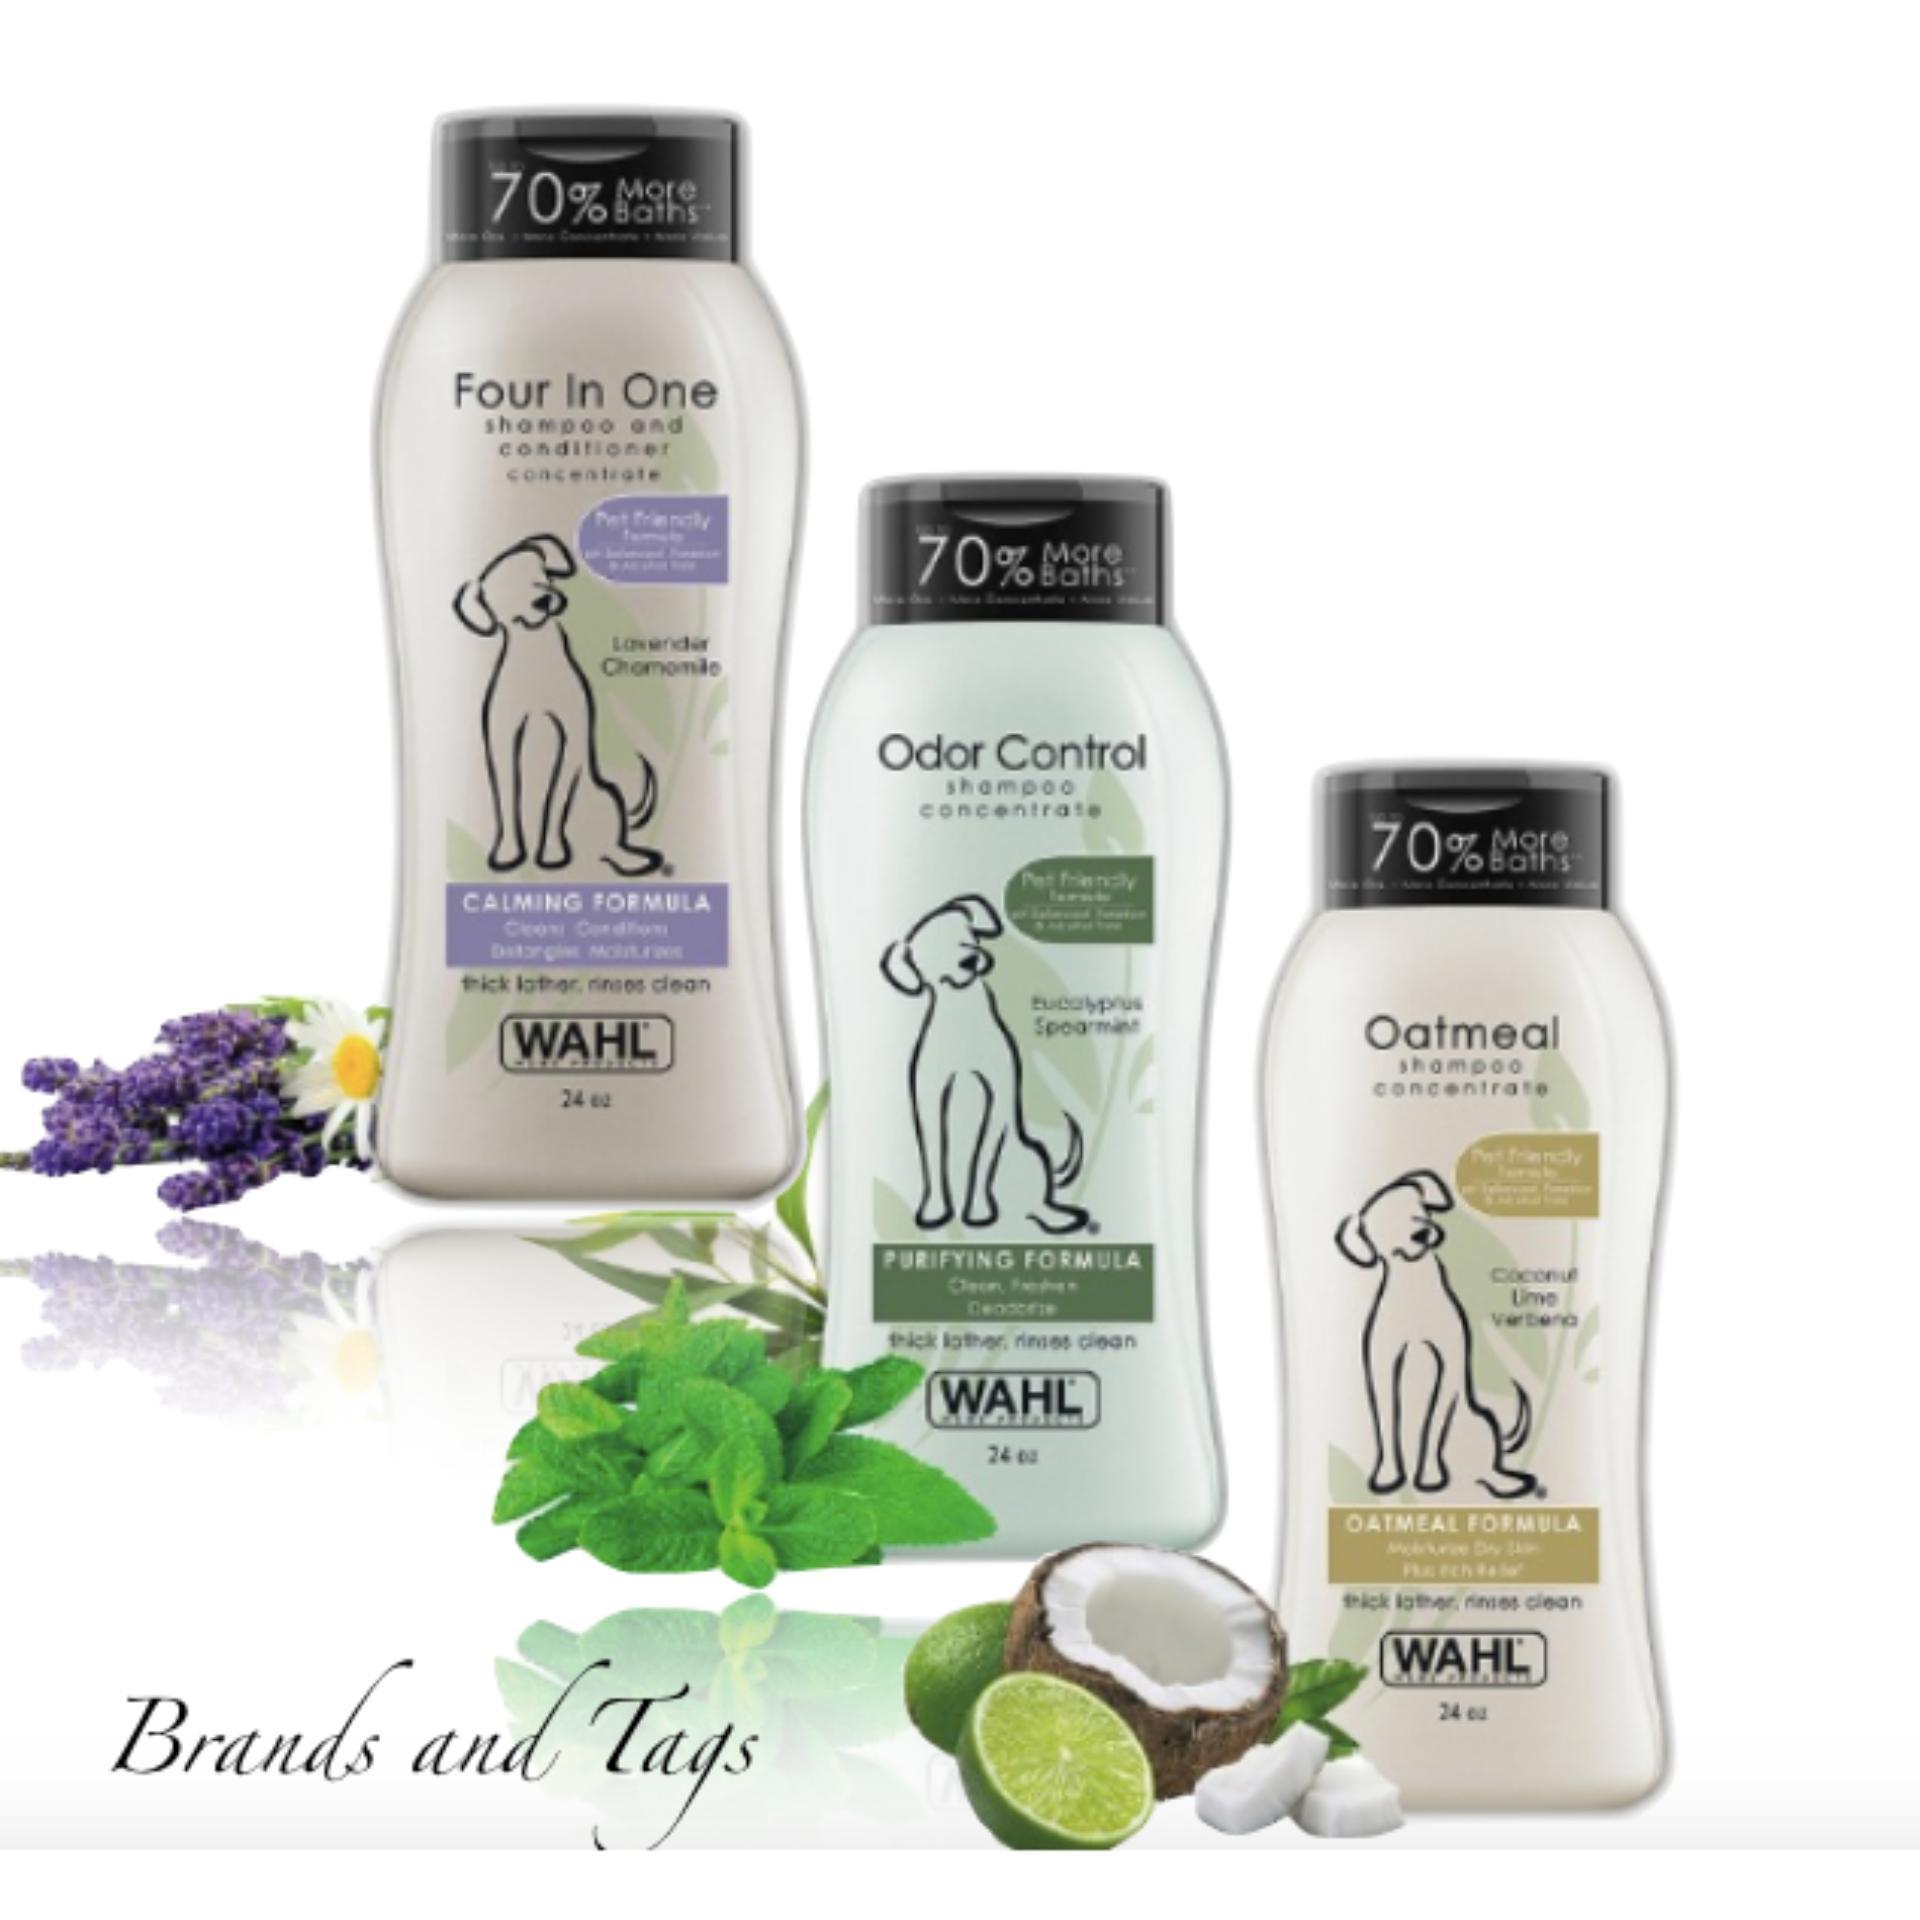 Wahl Oatmeal Formula Pet Shampoo Coconut Lime Verbena 24 Oz EUCALYPTUS SPEARMINT 24OZ &